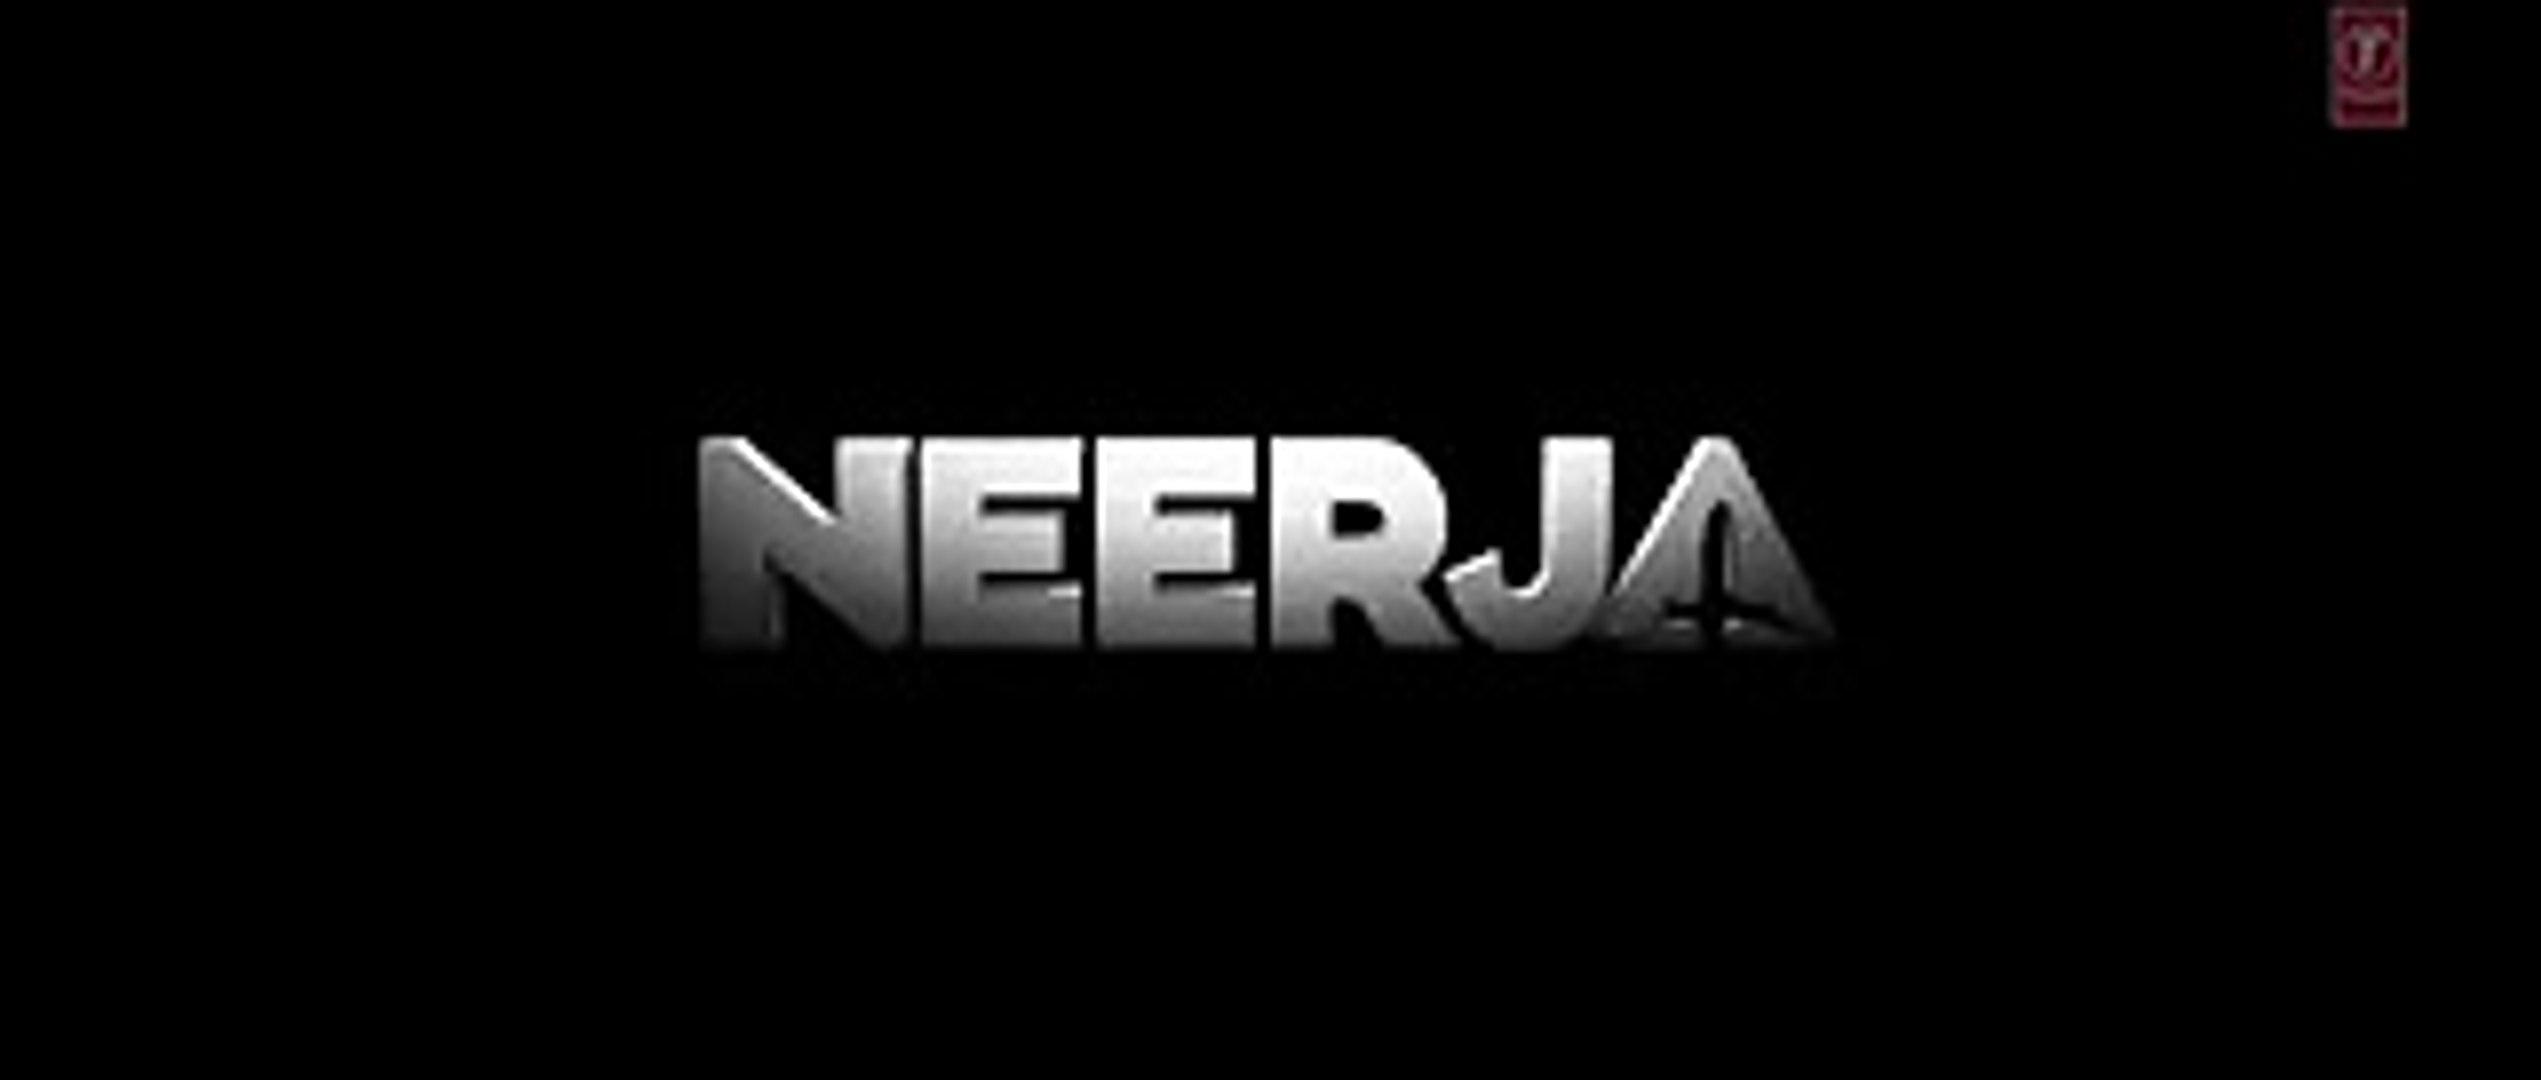 AANKHEIN MILAYENGE DARR SE NEERJA Sonam Kapoor top songs best songs new songs upcoming songs latest